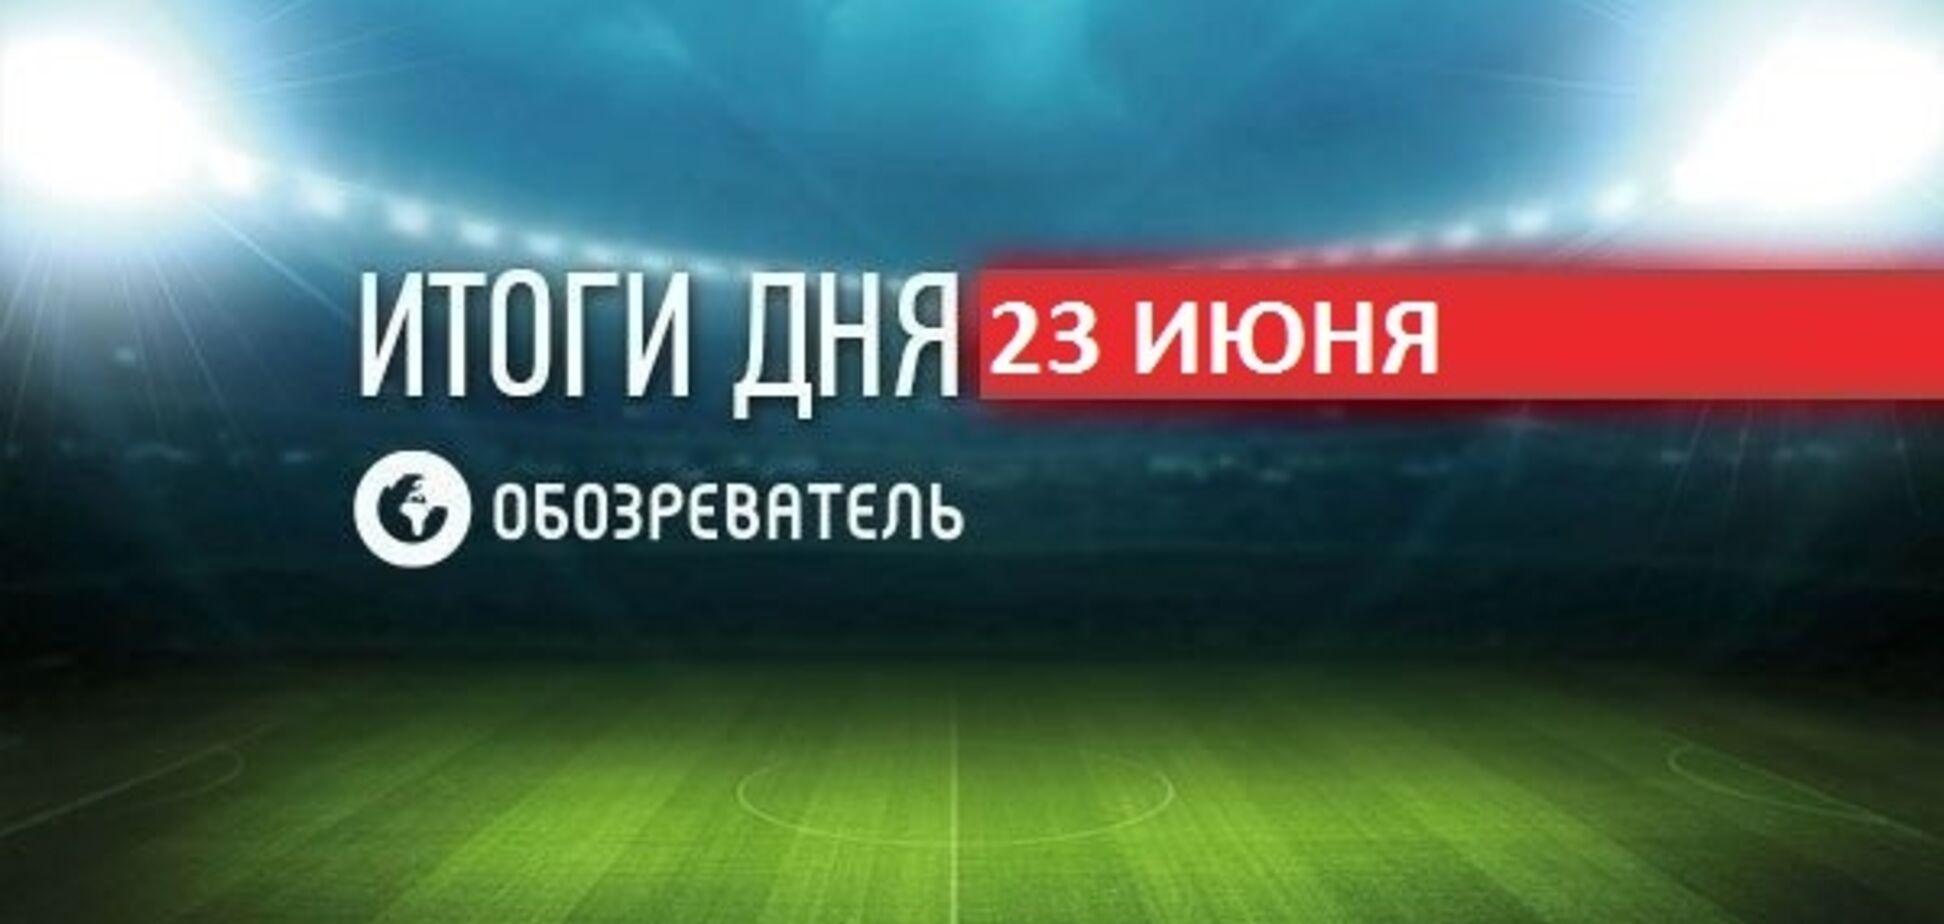 Знаменитый украинский боксер нокаутировал россиянина: спортивные итоги 23 июня